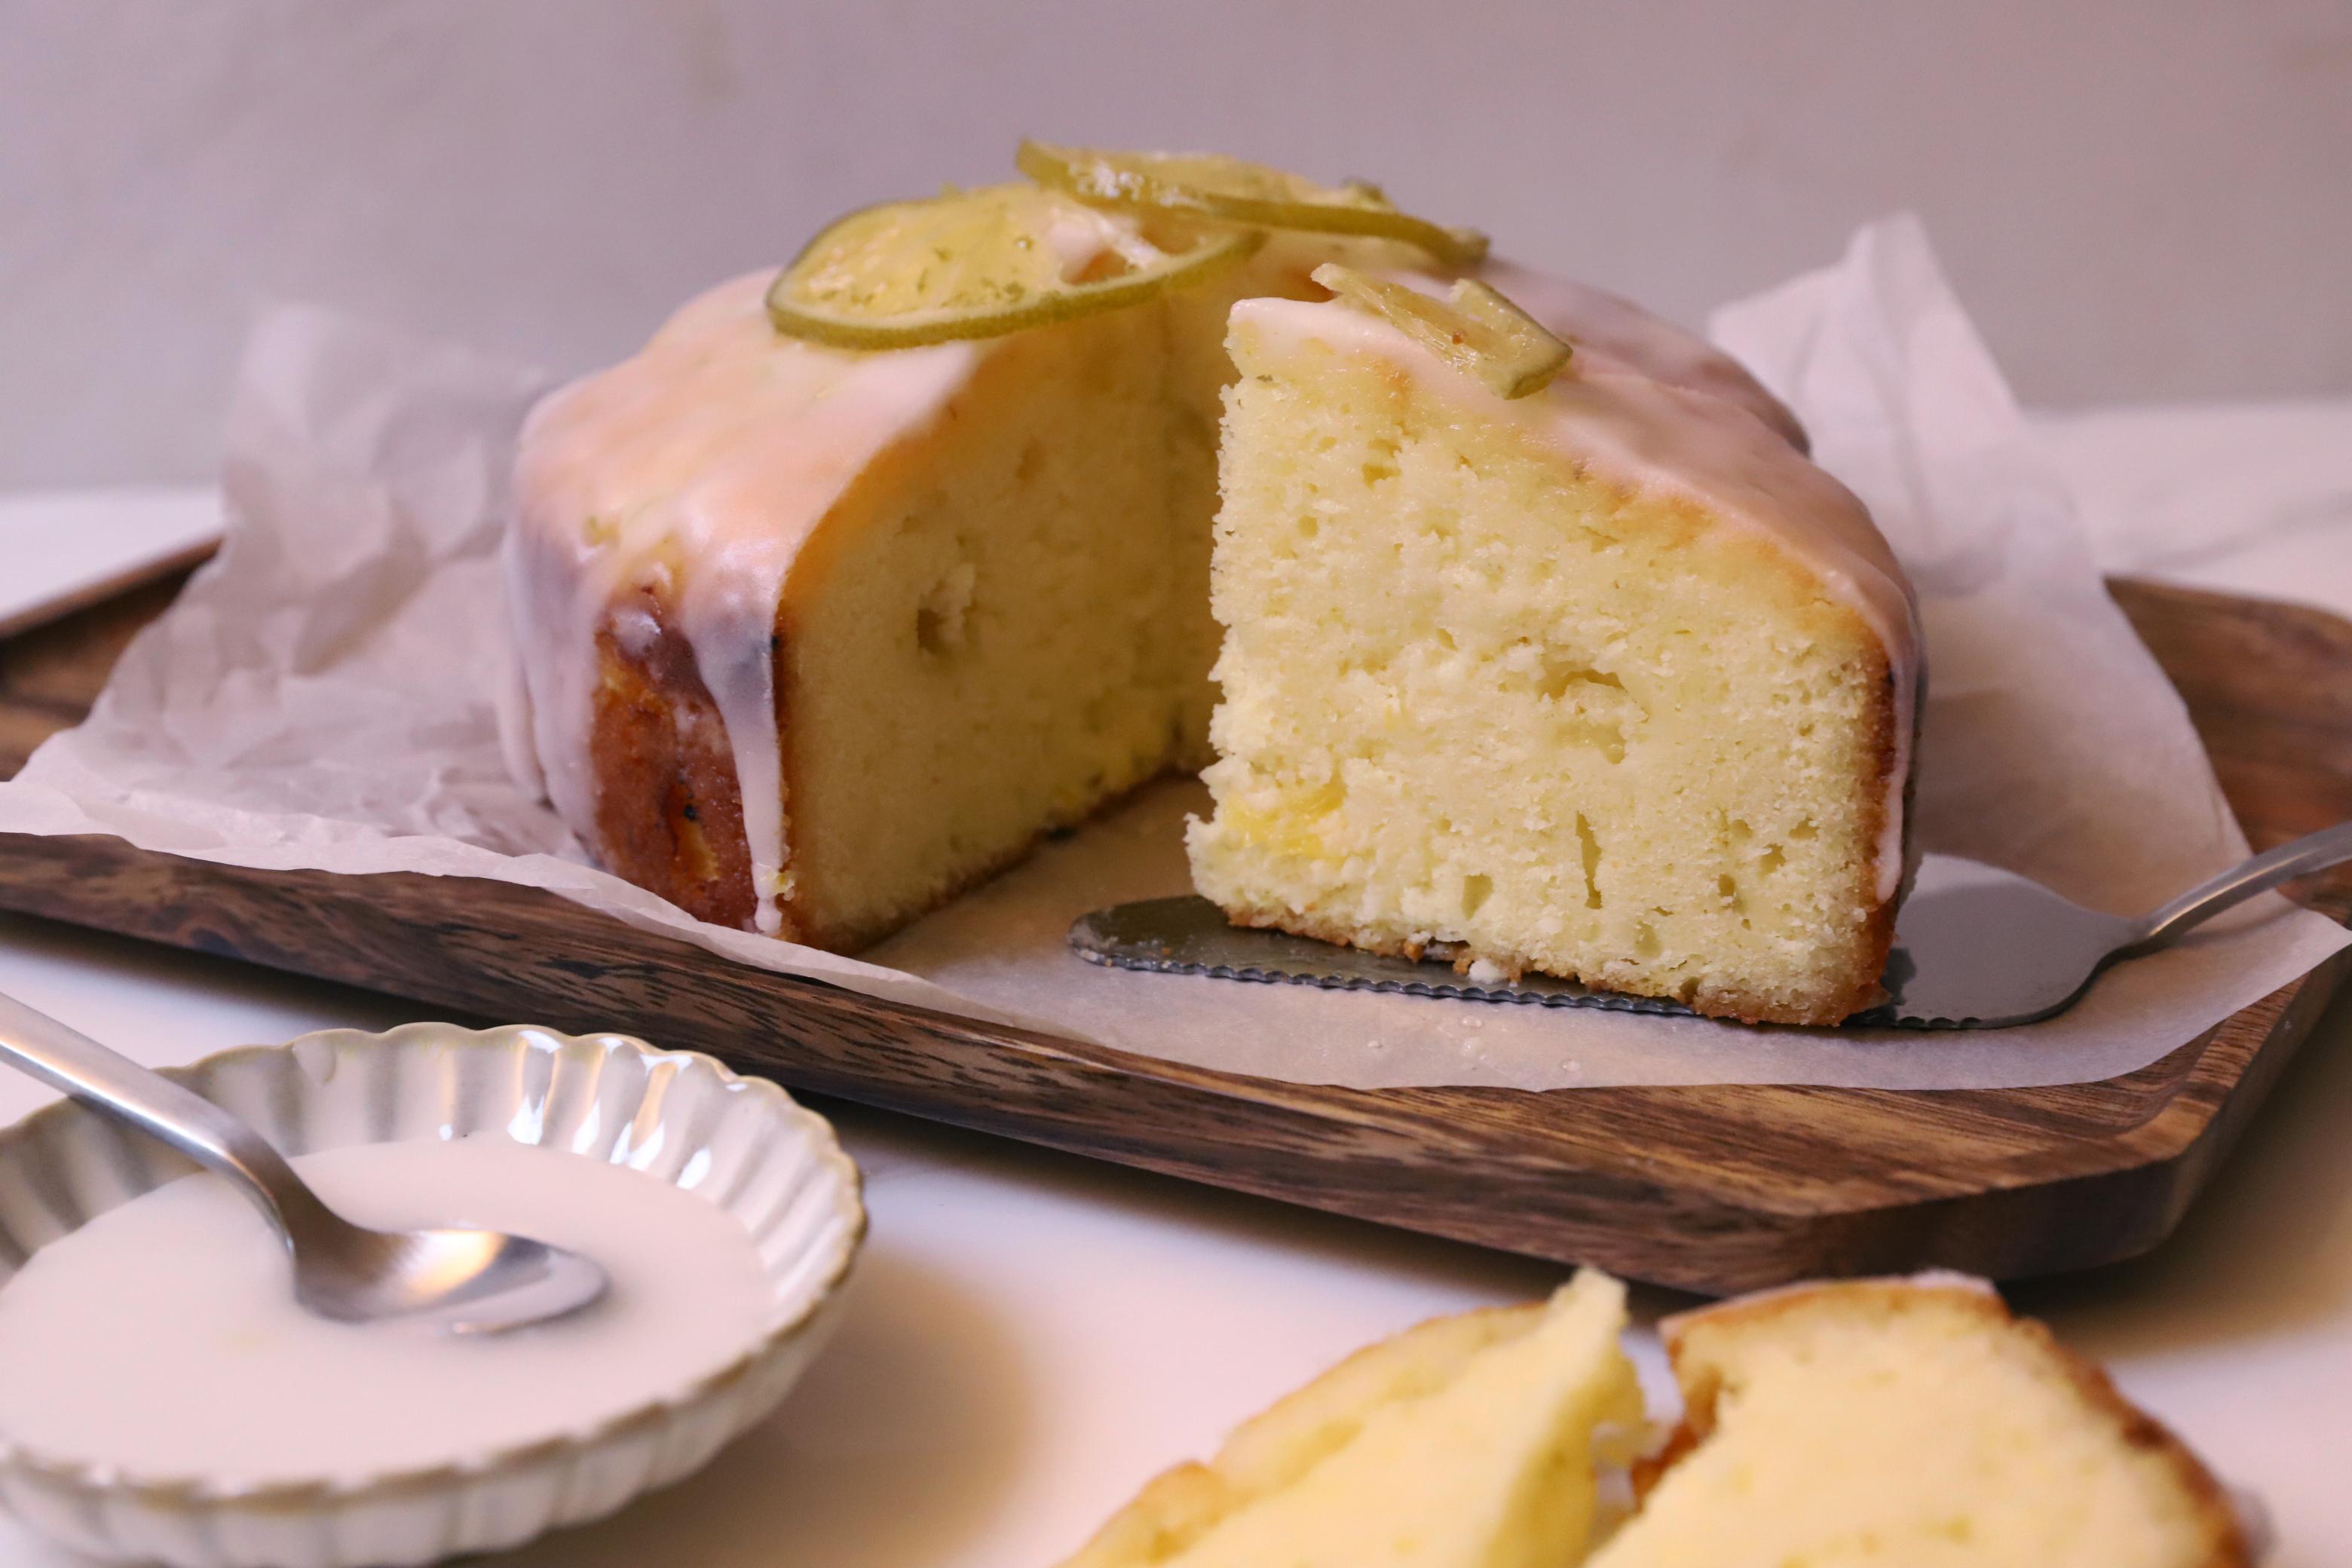 TOPO - 新鮮果肉檸檬柳橙蛋糕-6吋圓形 生日蛋糕